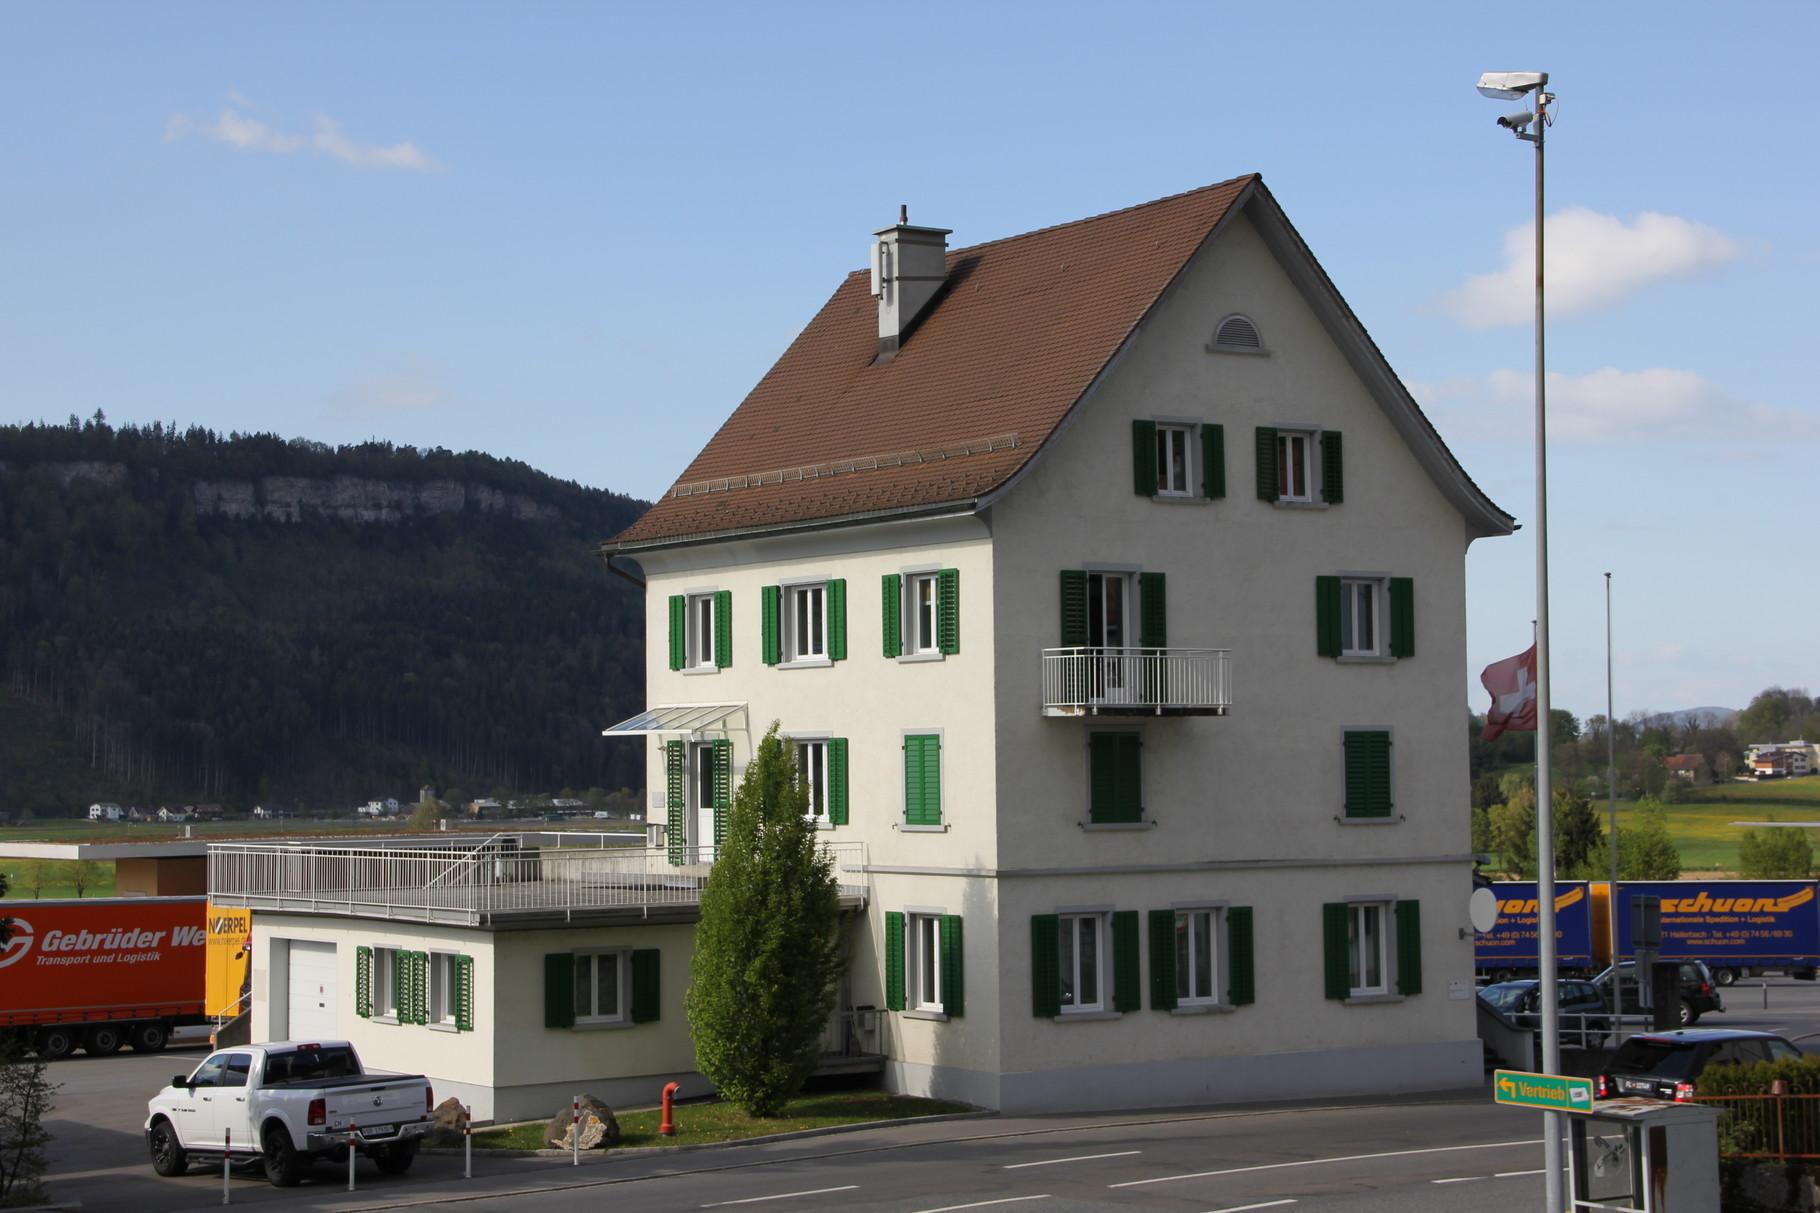 Zollhaus 227 Schaanwald